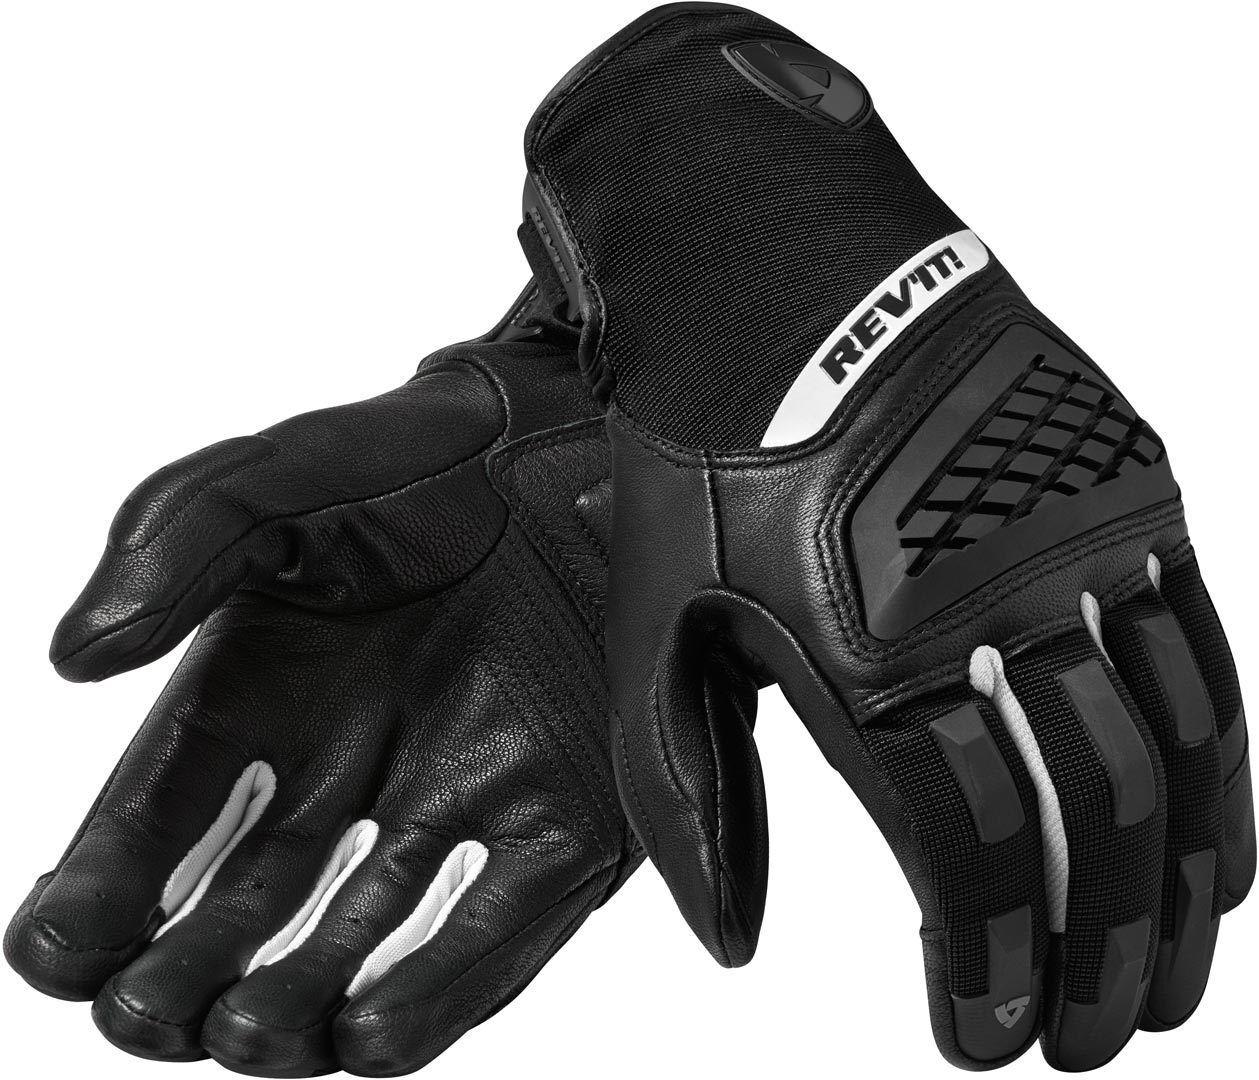 Revit Neutron 3 Gants de motocross Noir Blanc taille : 3XL